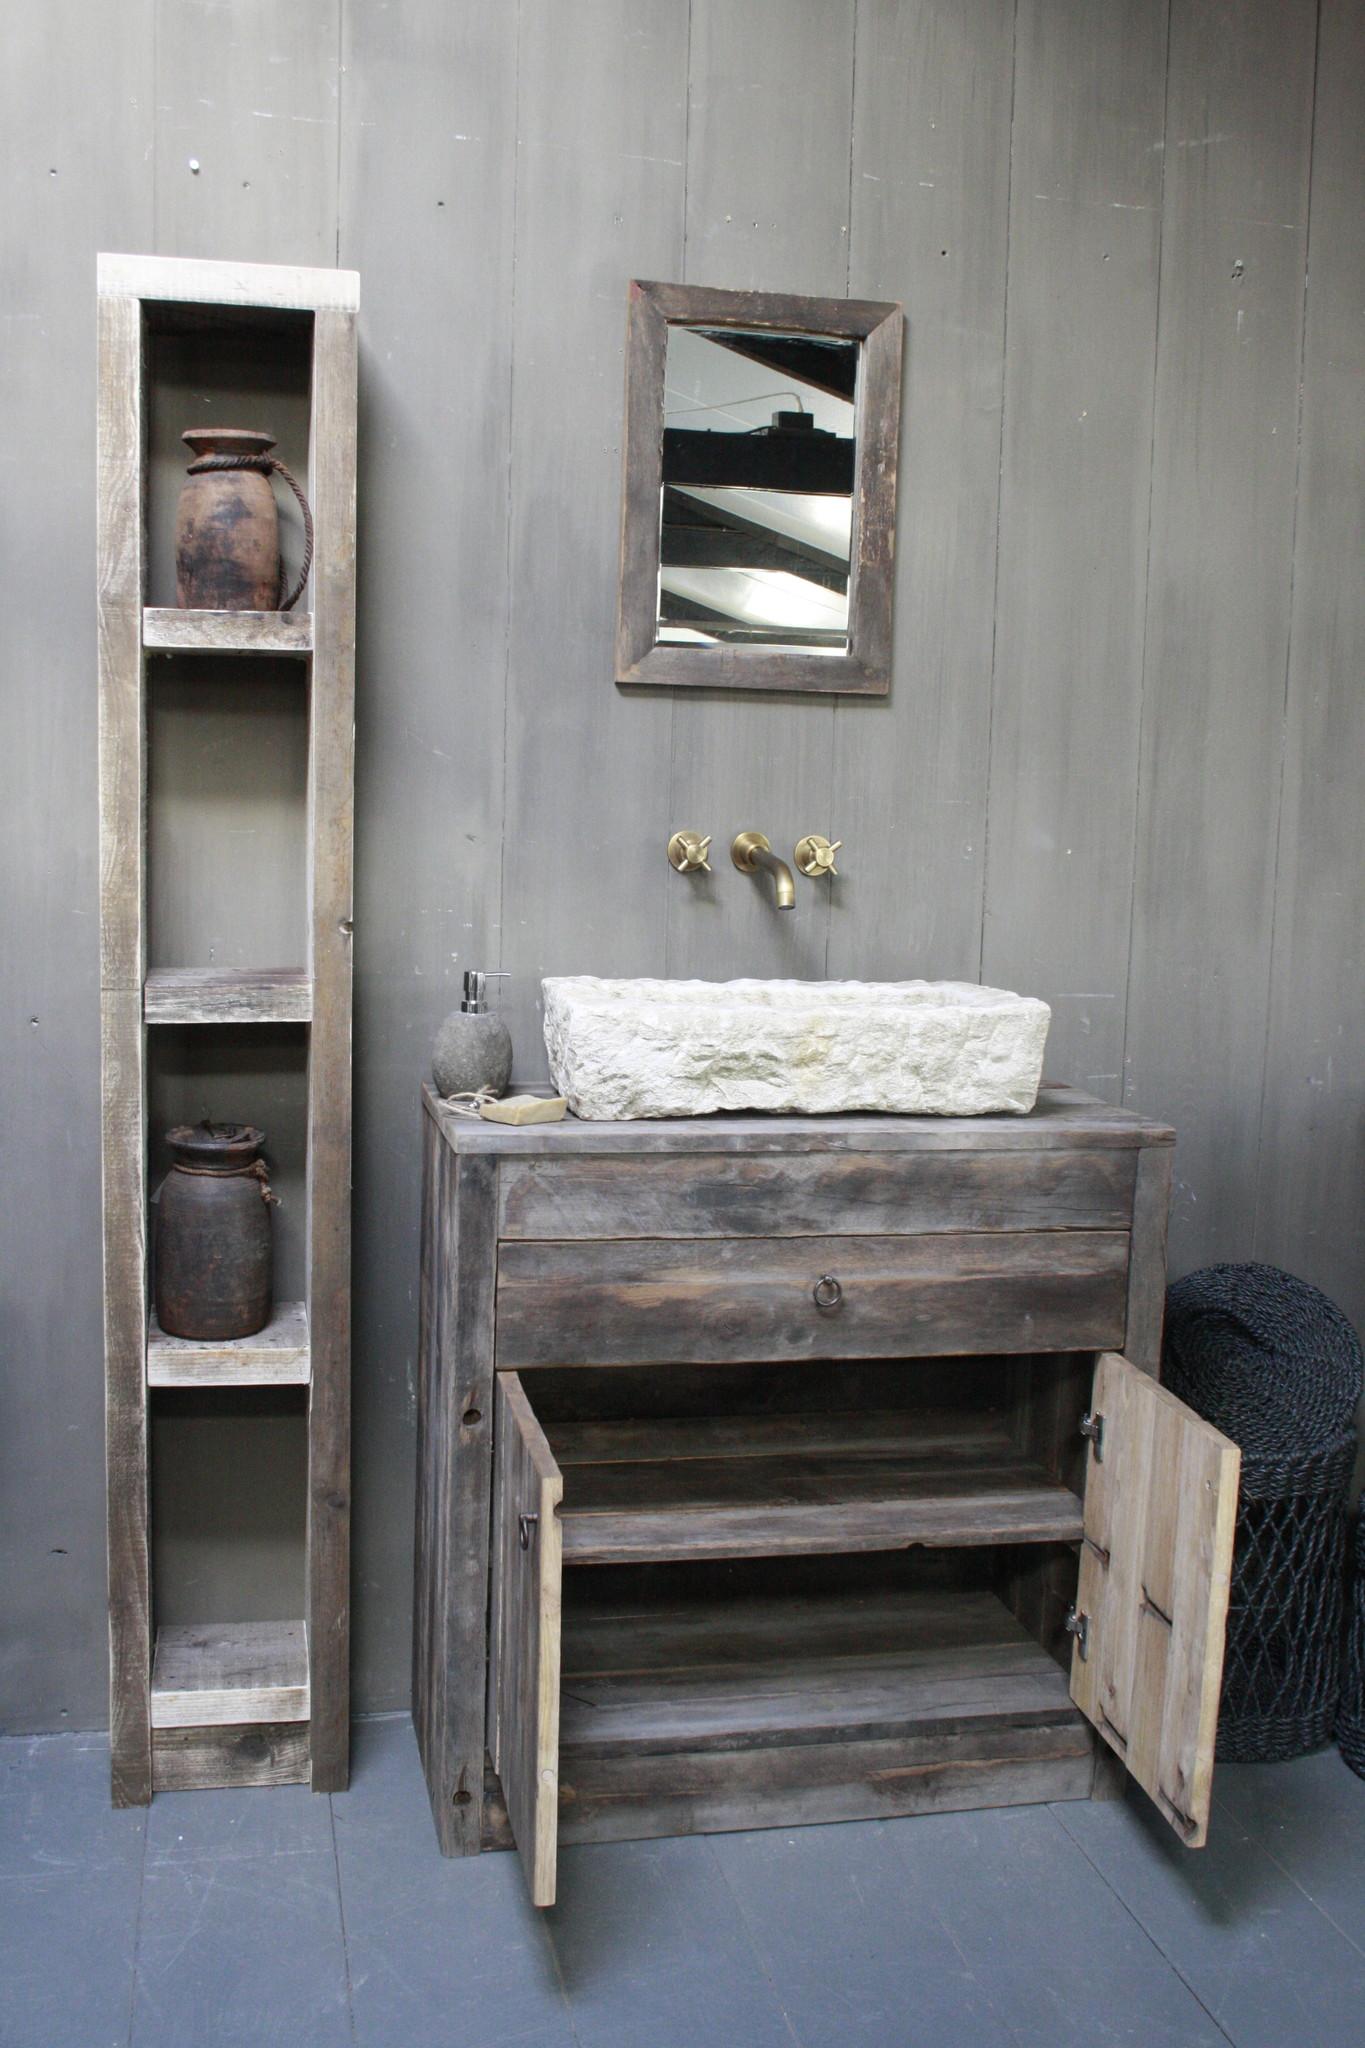 Oud Eikenhouten Badkamermeubel 90 x 90 cm met lades en deurtjes-3